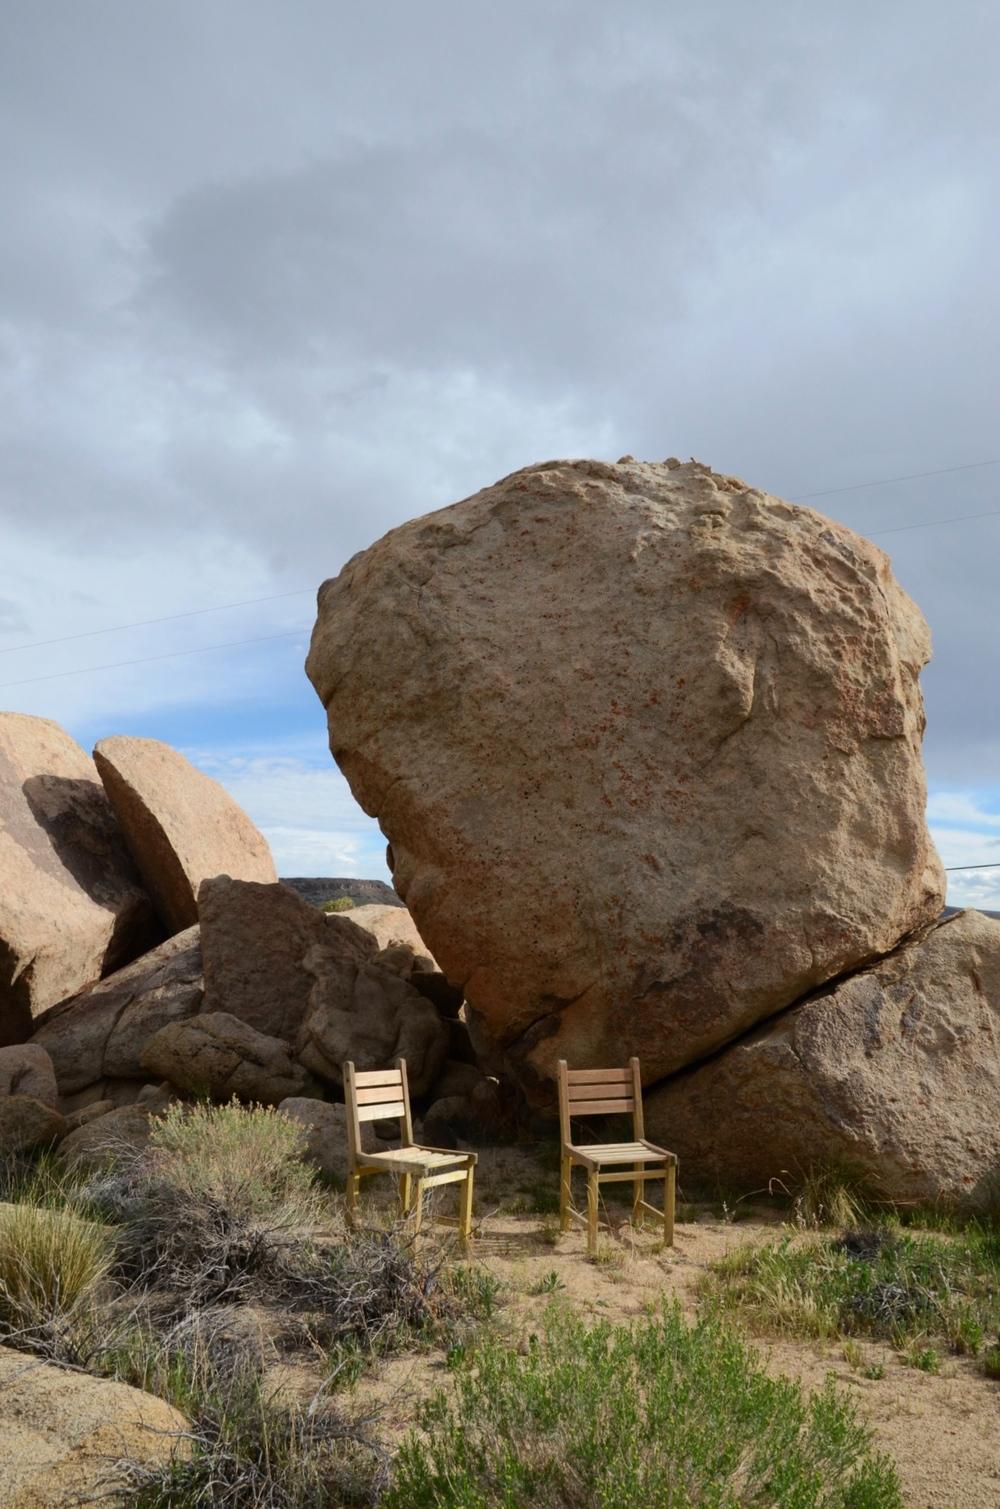 Los-Vientos-Hideaway-Chairs by Rocks 2.jpg